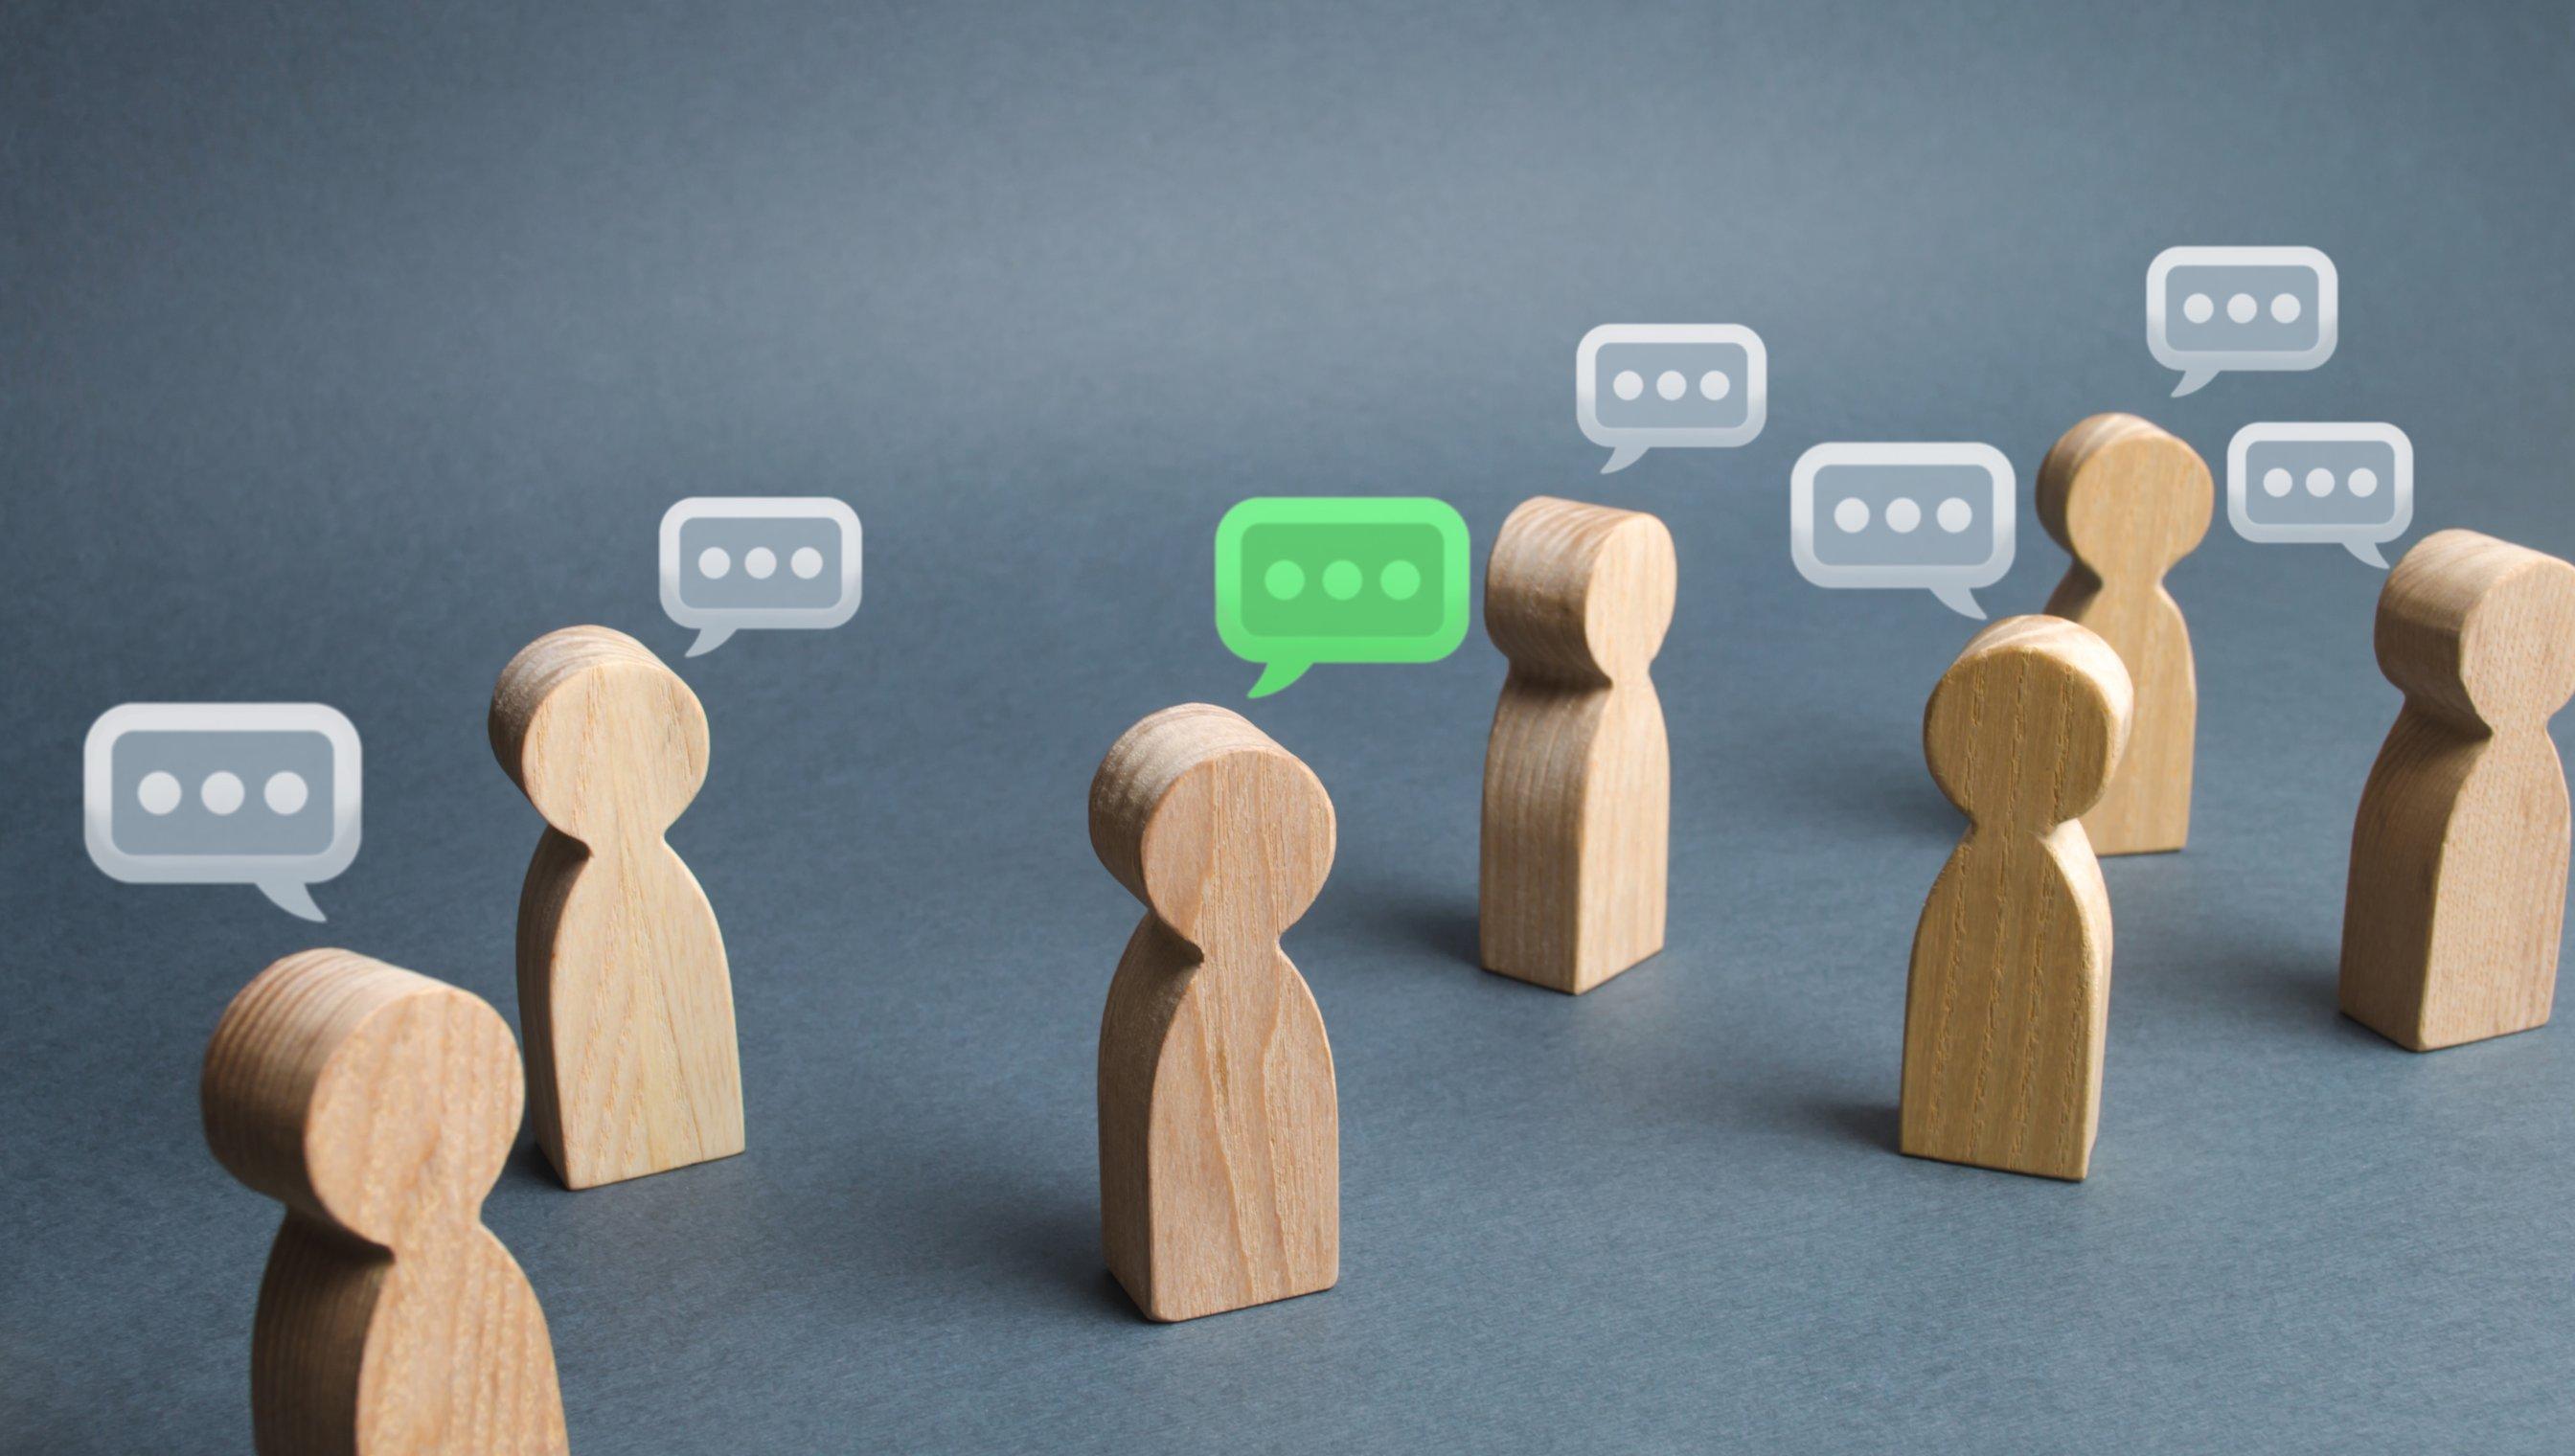 Bilde av trefigurer med snakkebobler